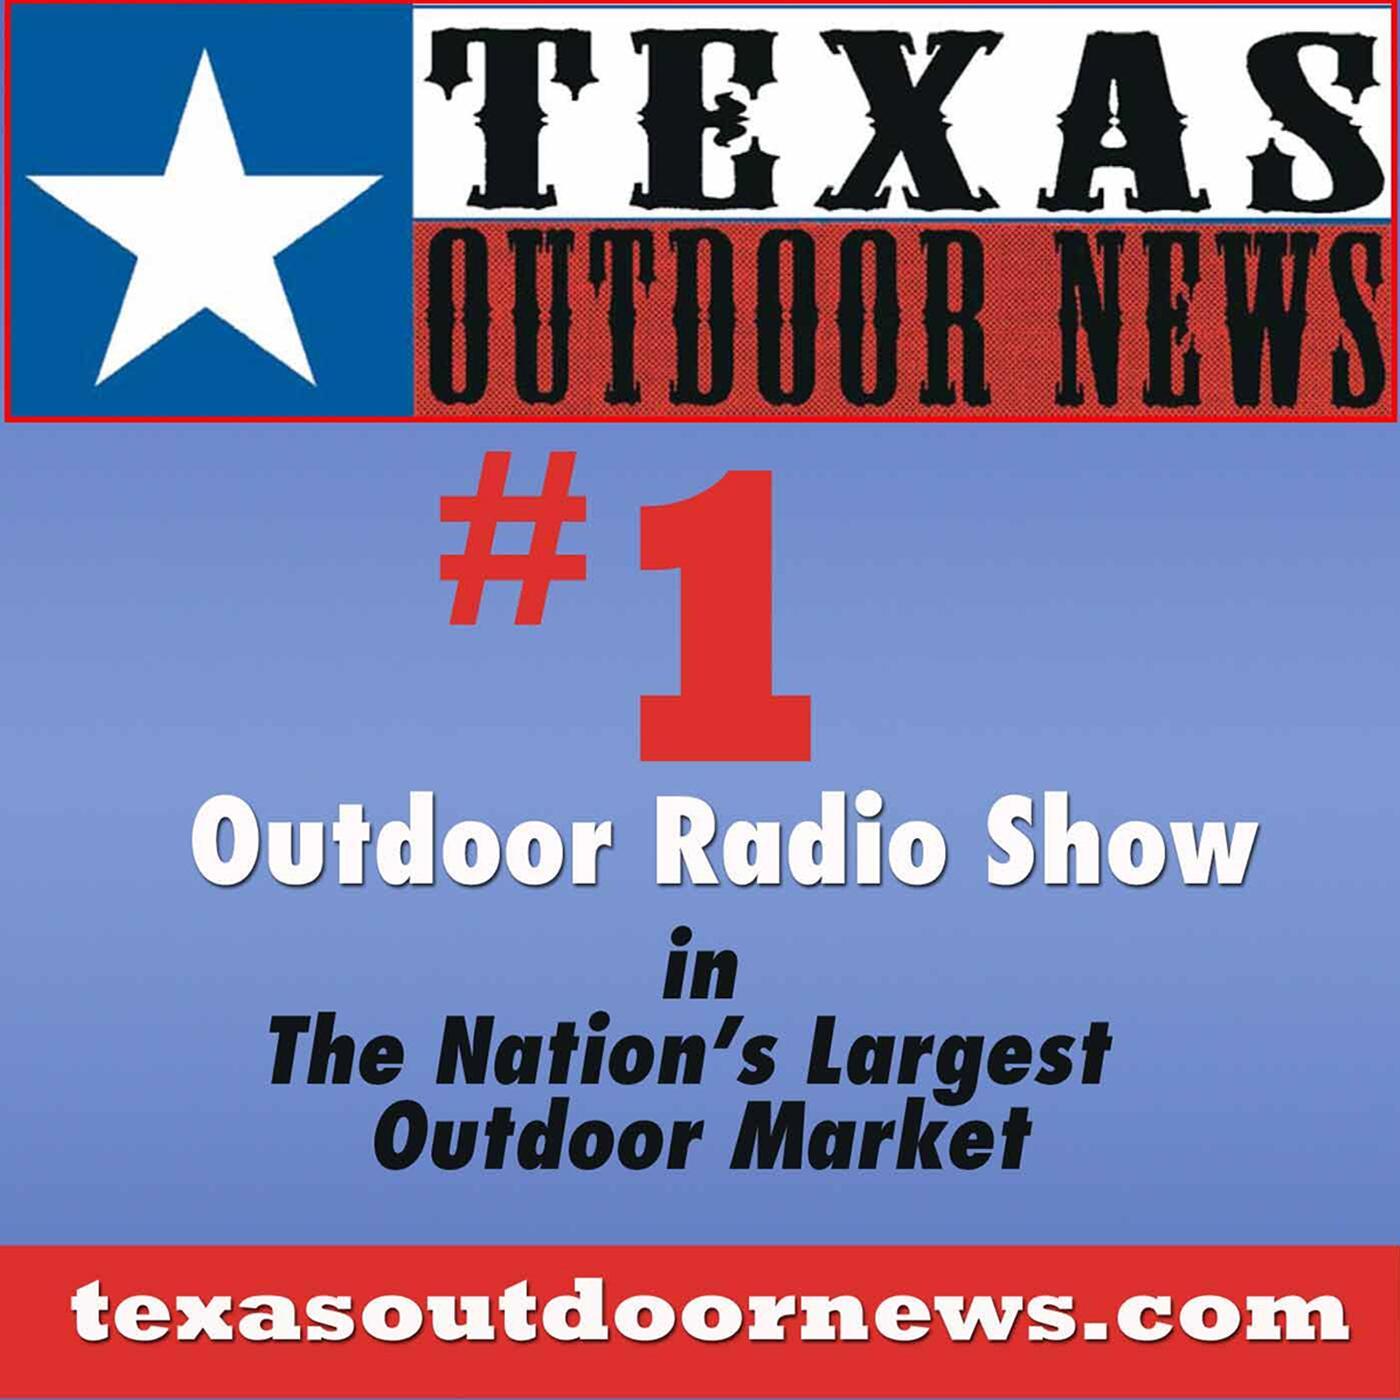 Texas Outdoor News Radio